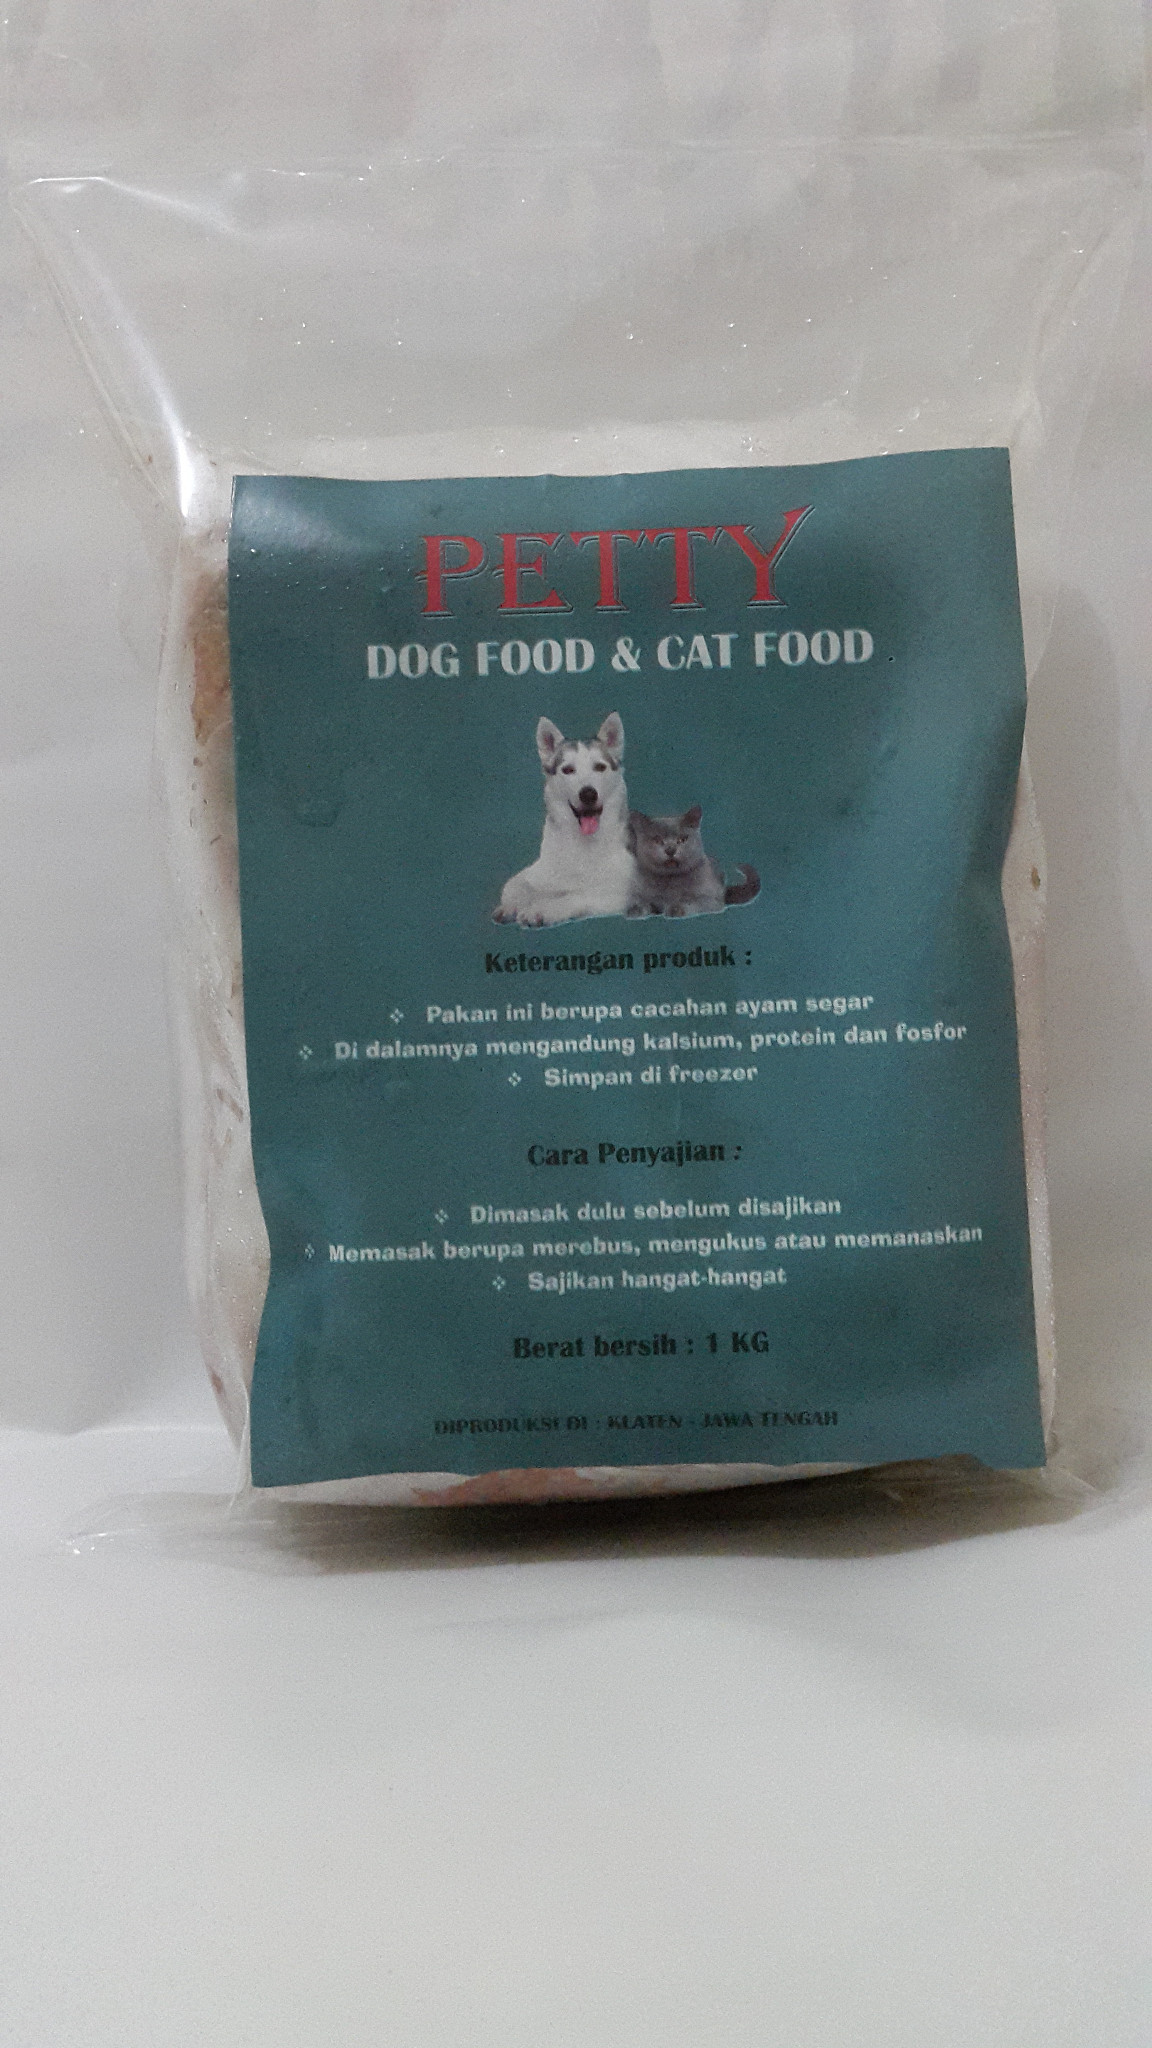 Jual PETTY Pakan Basah Untuk Anjing Dan Kucing